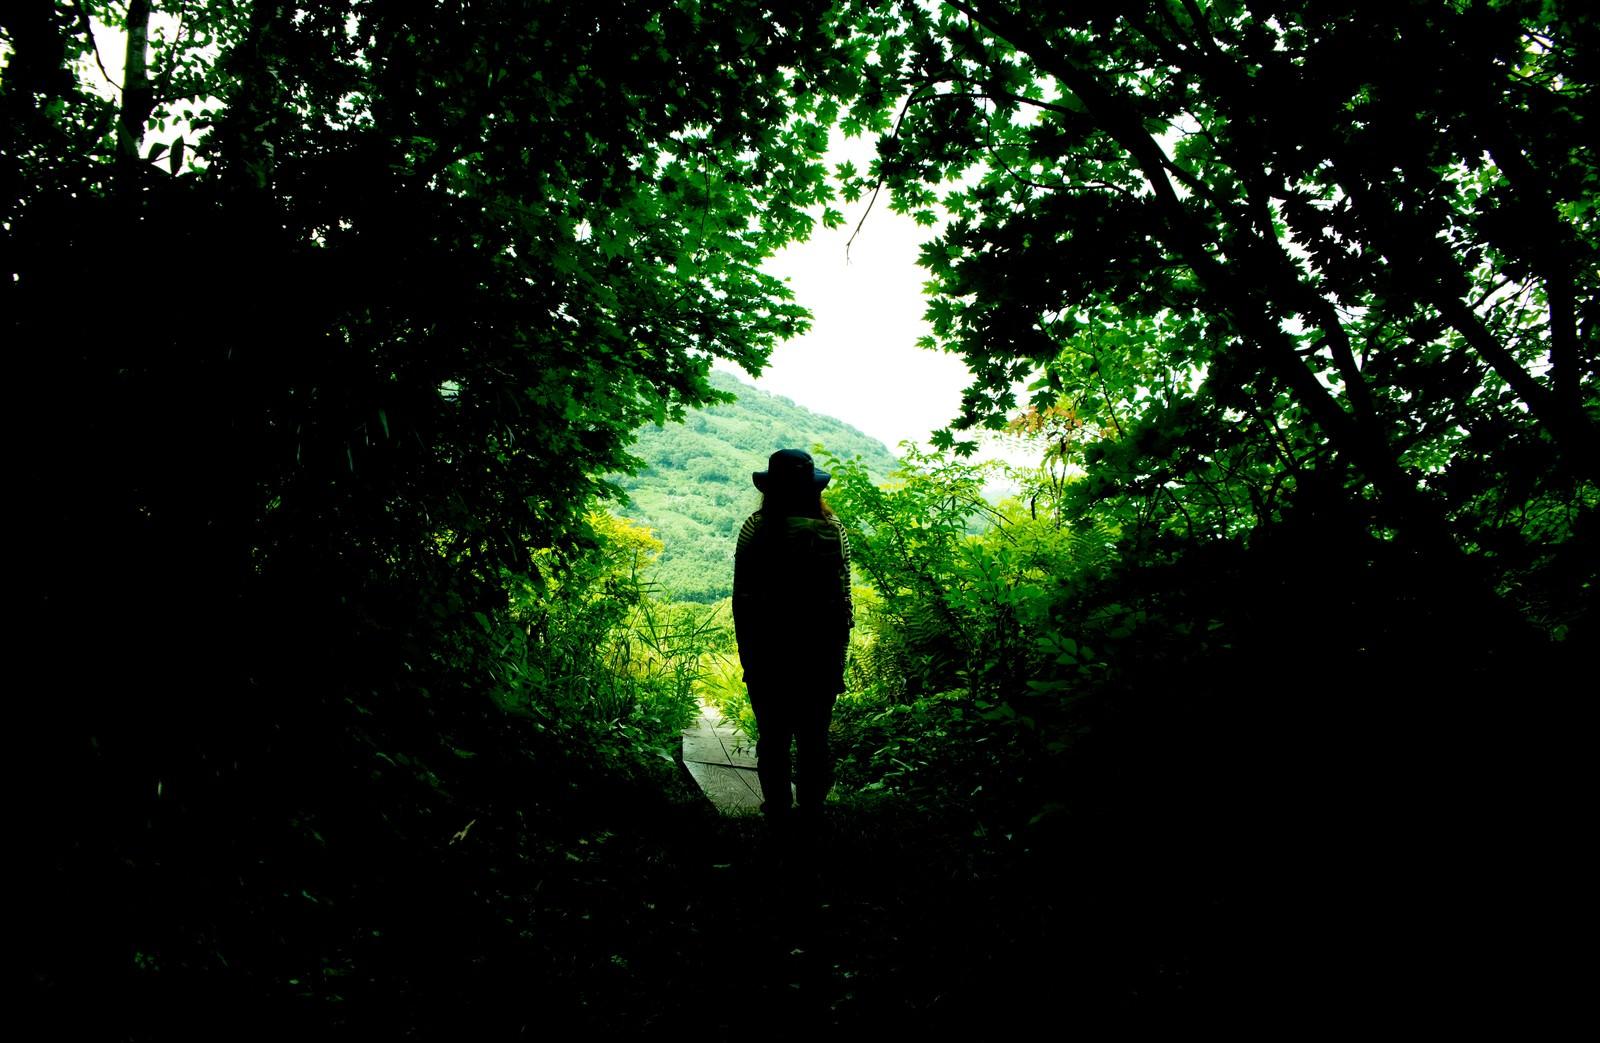 「緑に覆われた山道と人の後ろ姿」の写真